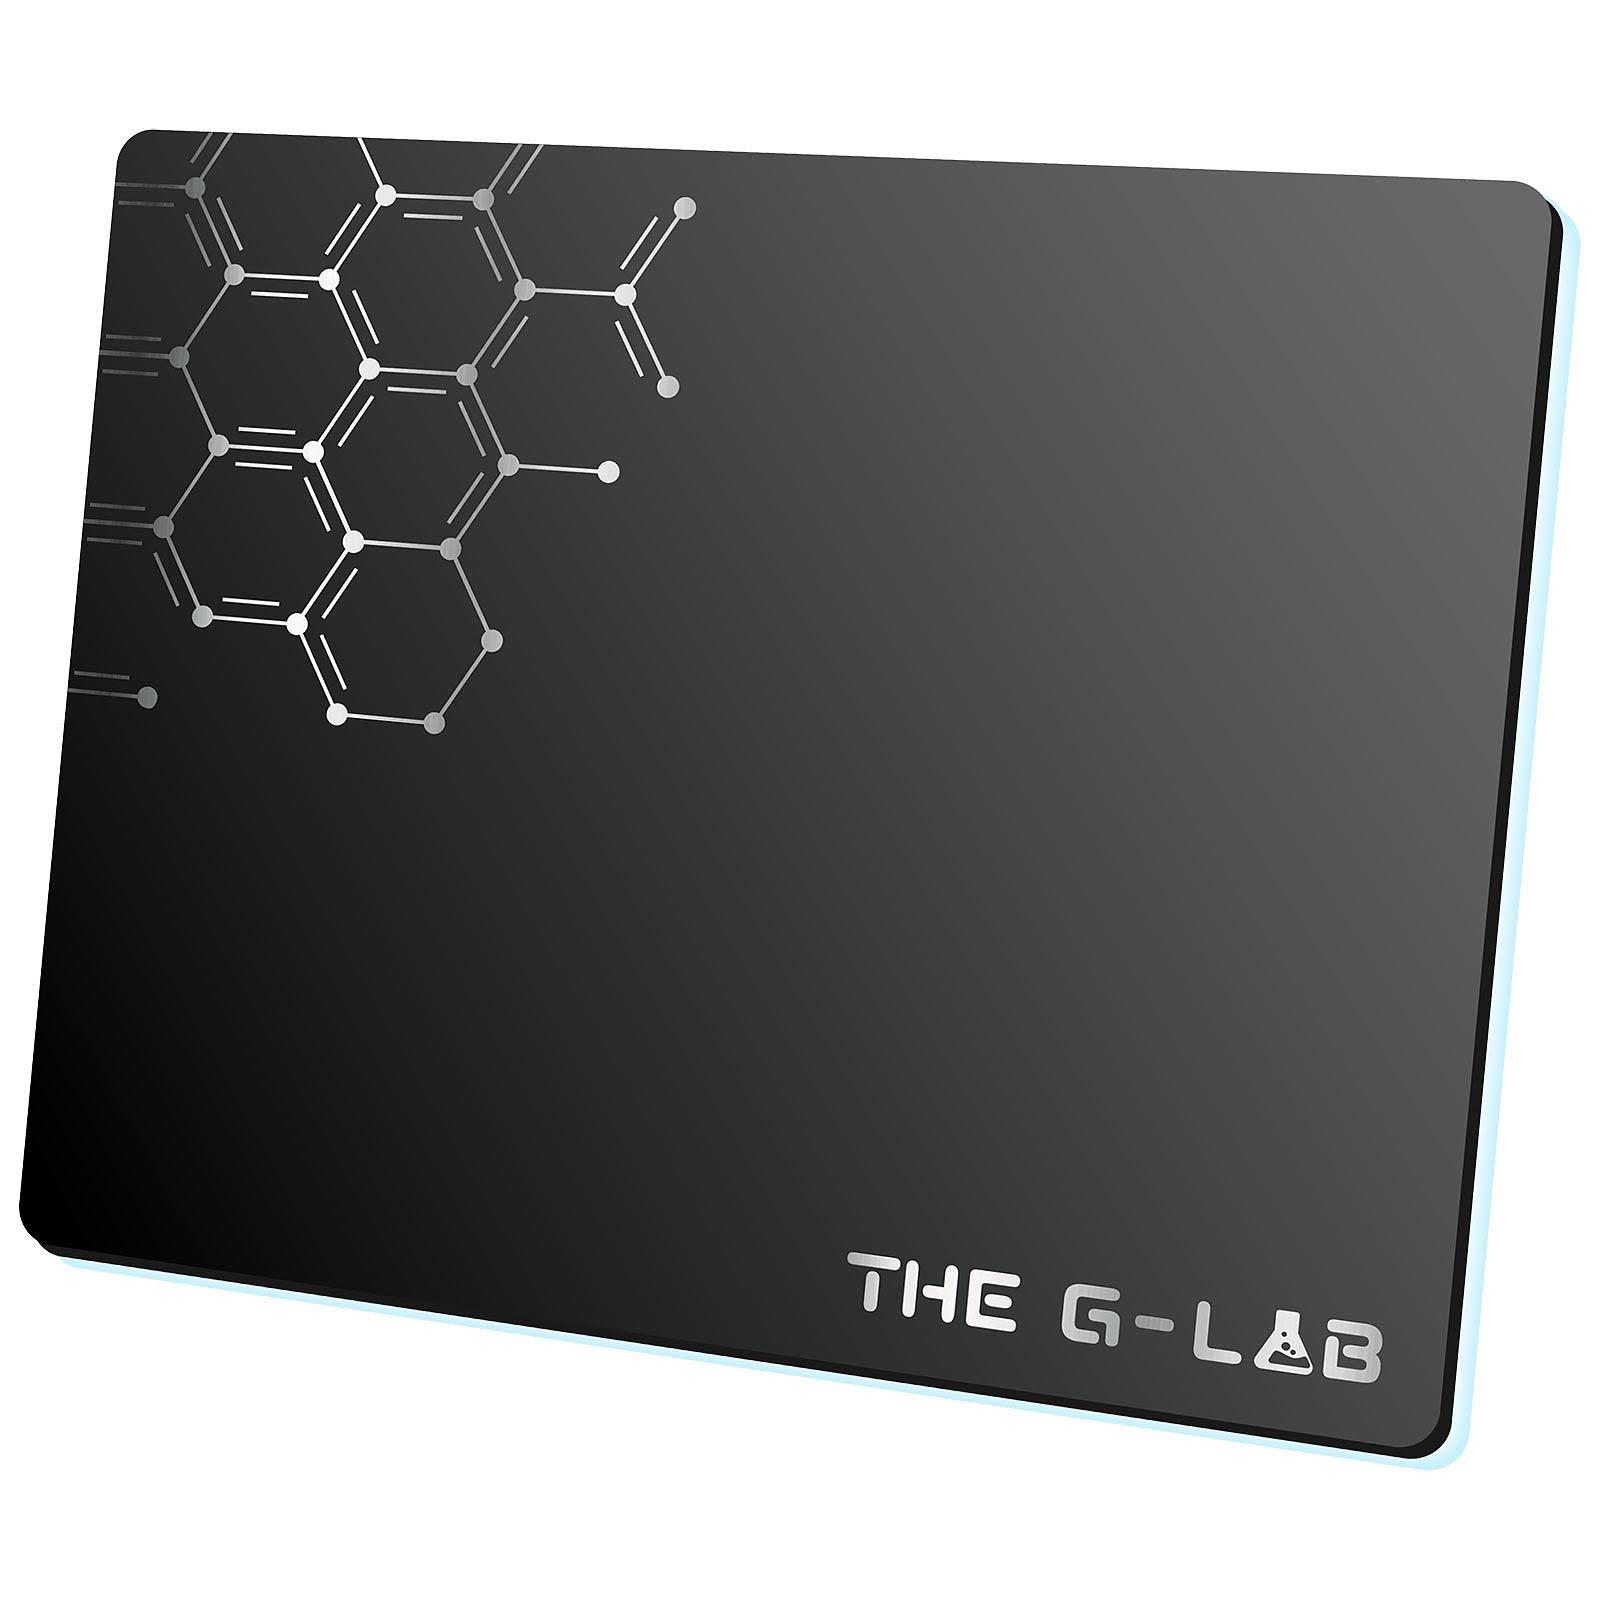 The G-LAB COMBO SELENIUM - Pack Clavier/Souris - Cybertek.fr - 1